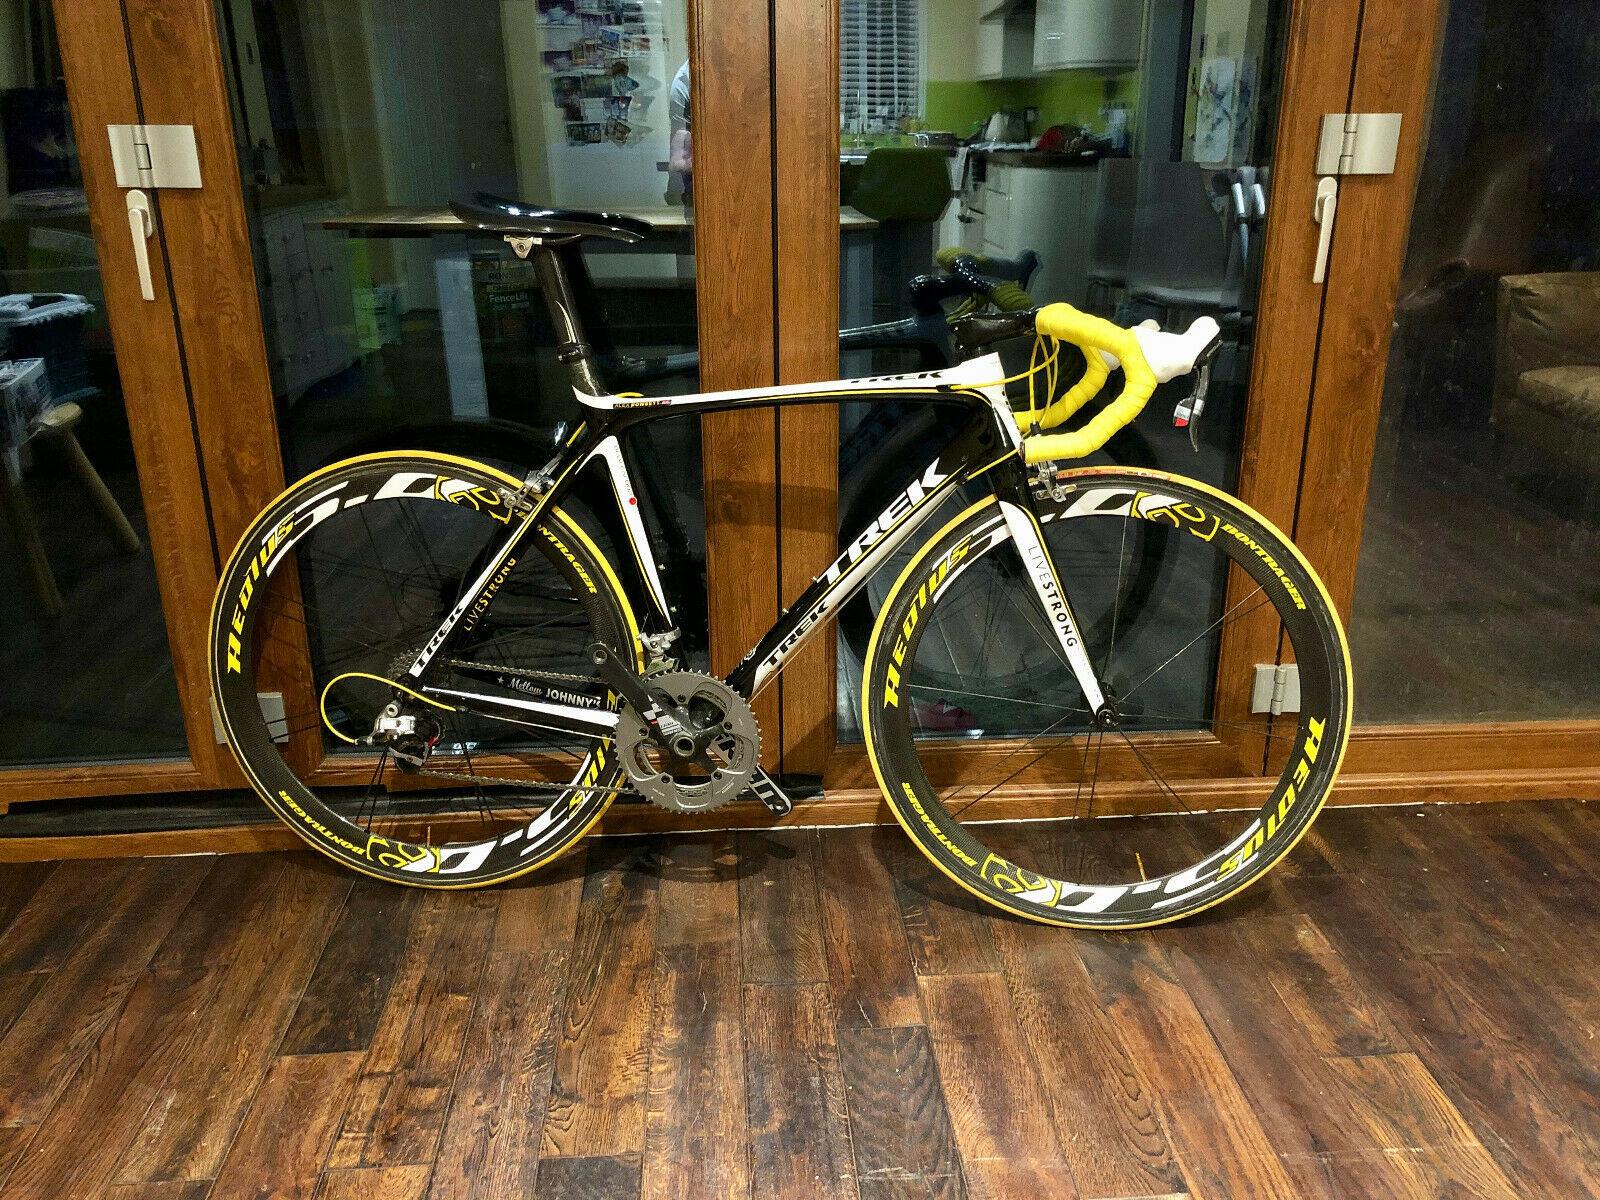 Ebay Finds Alex Dowsett S 2010 Trek Livestrong Team Trek Madone Bike Cyclingnews